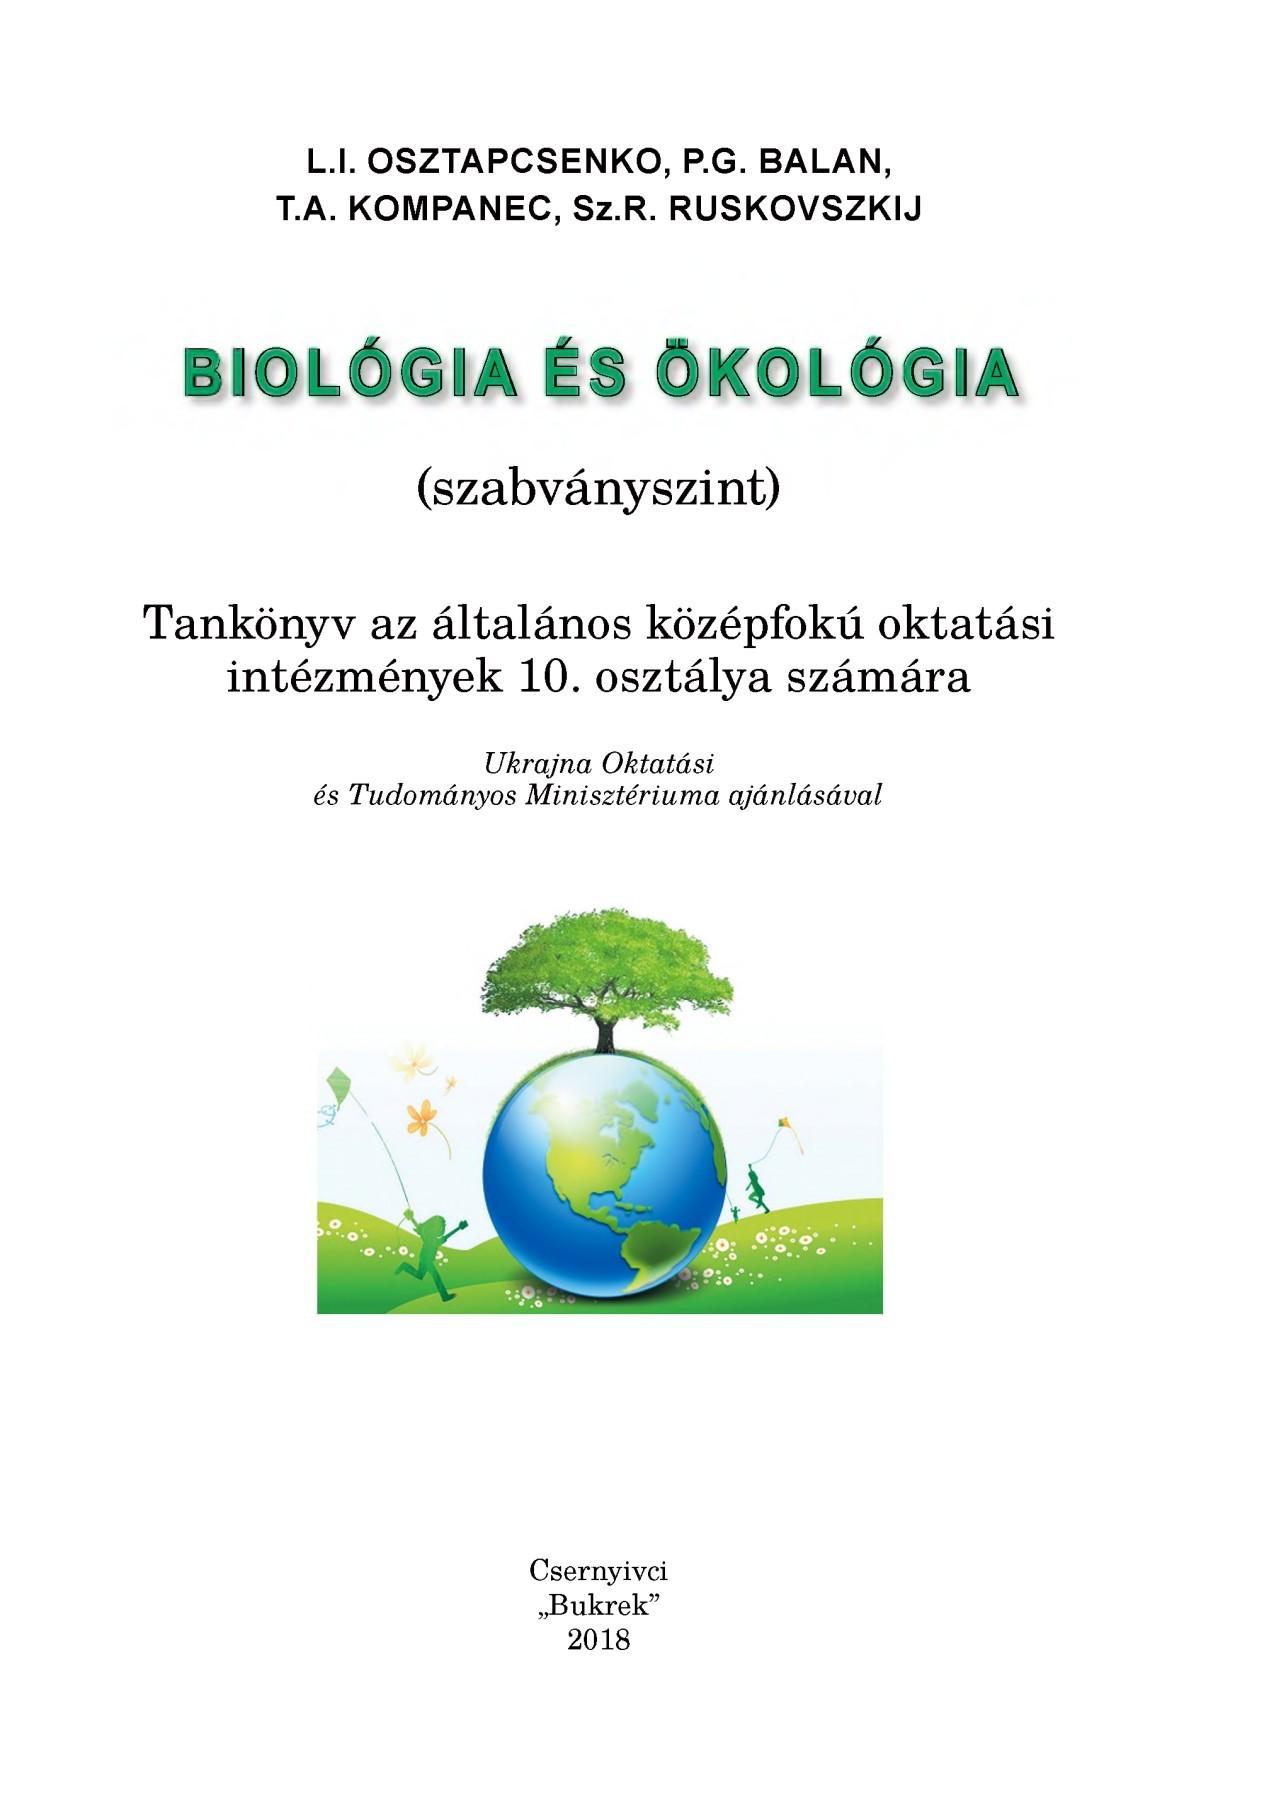 Parazitaellenes szer. Parazitaellenes szerek felfedezői kaptak idén orvosi Nobel-díjat